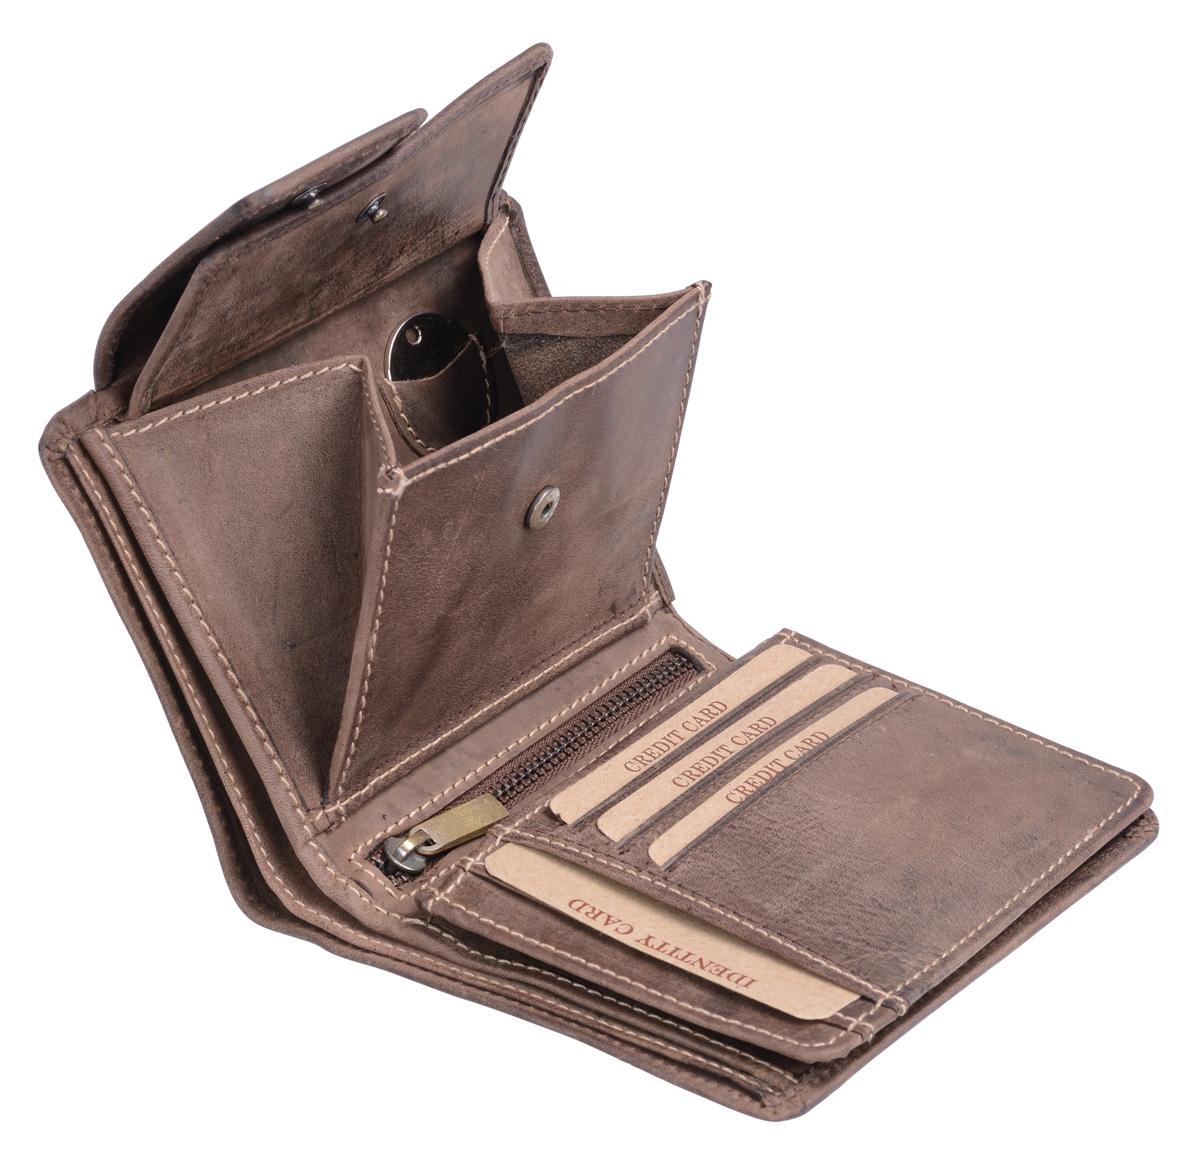 be19e0a931760d Herren und Damen Geldbörse mit Verschluss (mit LEAS-Geschenkbox) LEAS in  Echt-